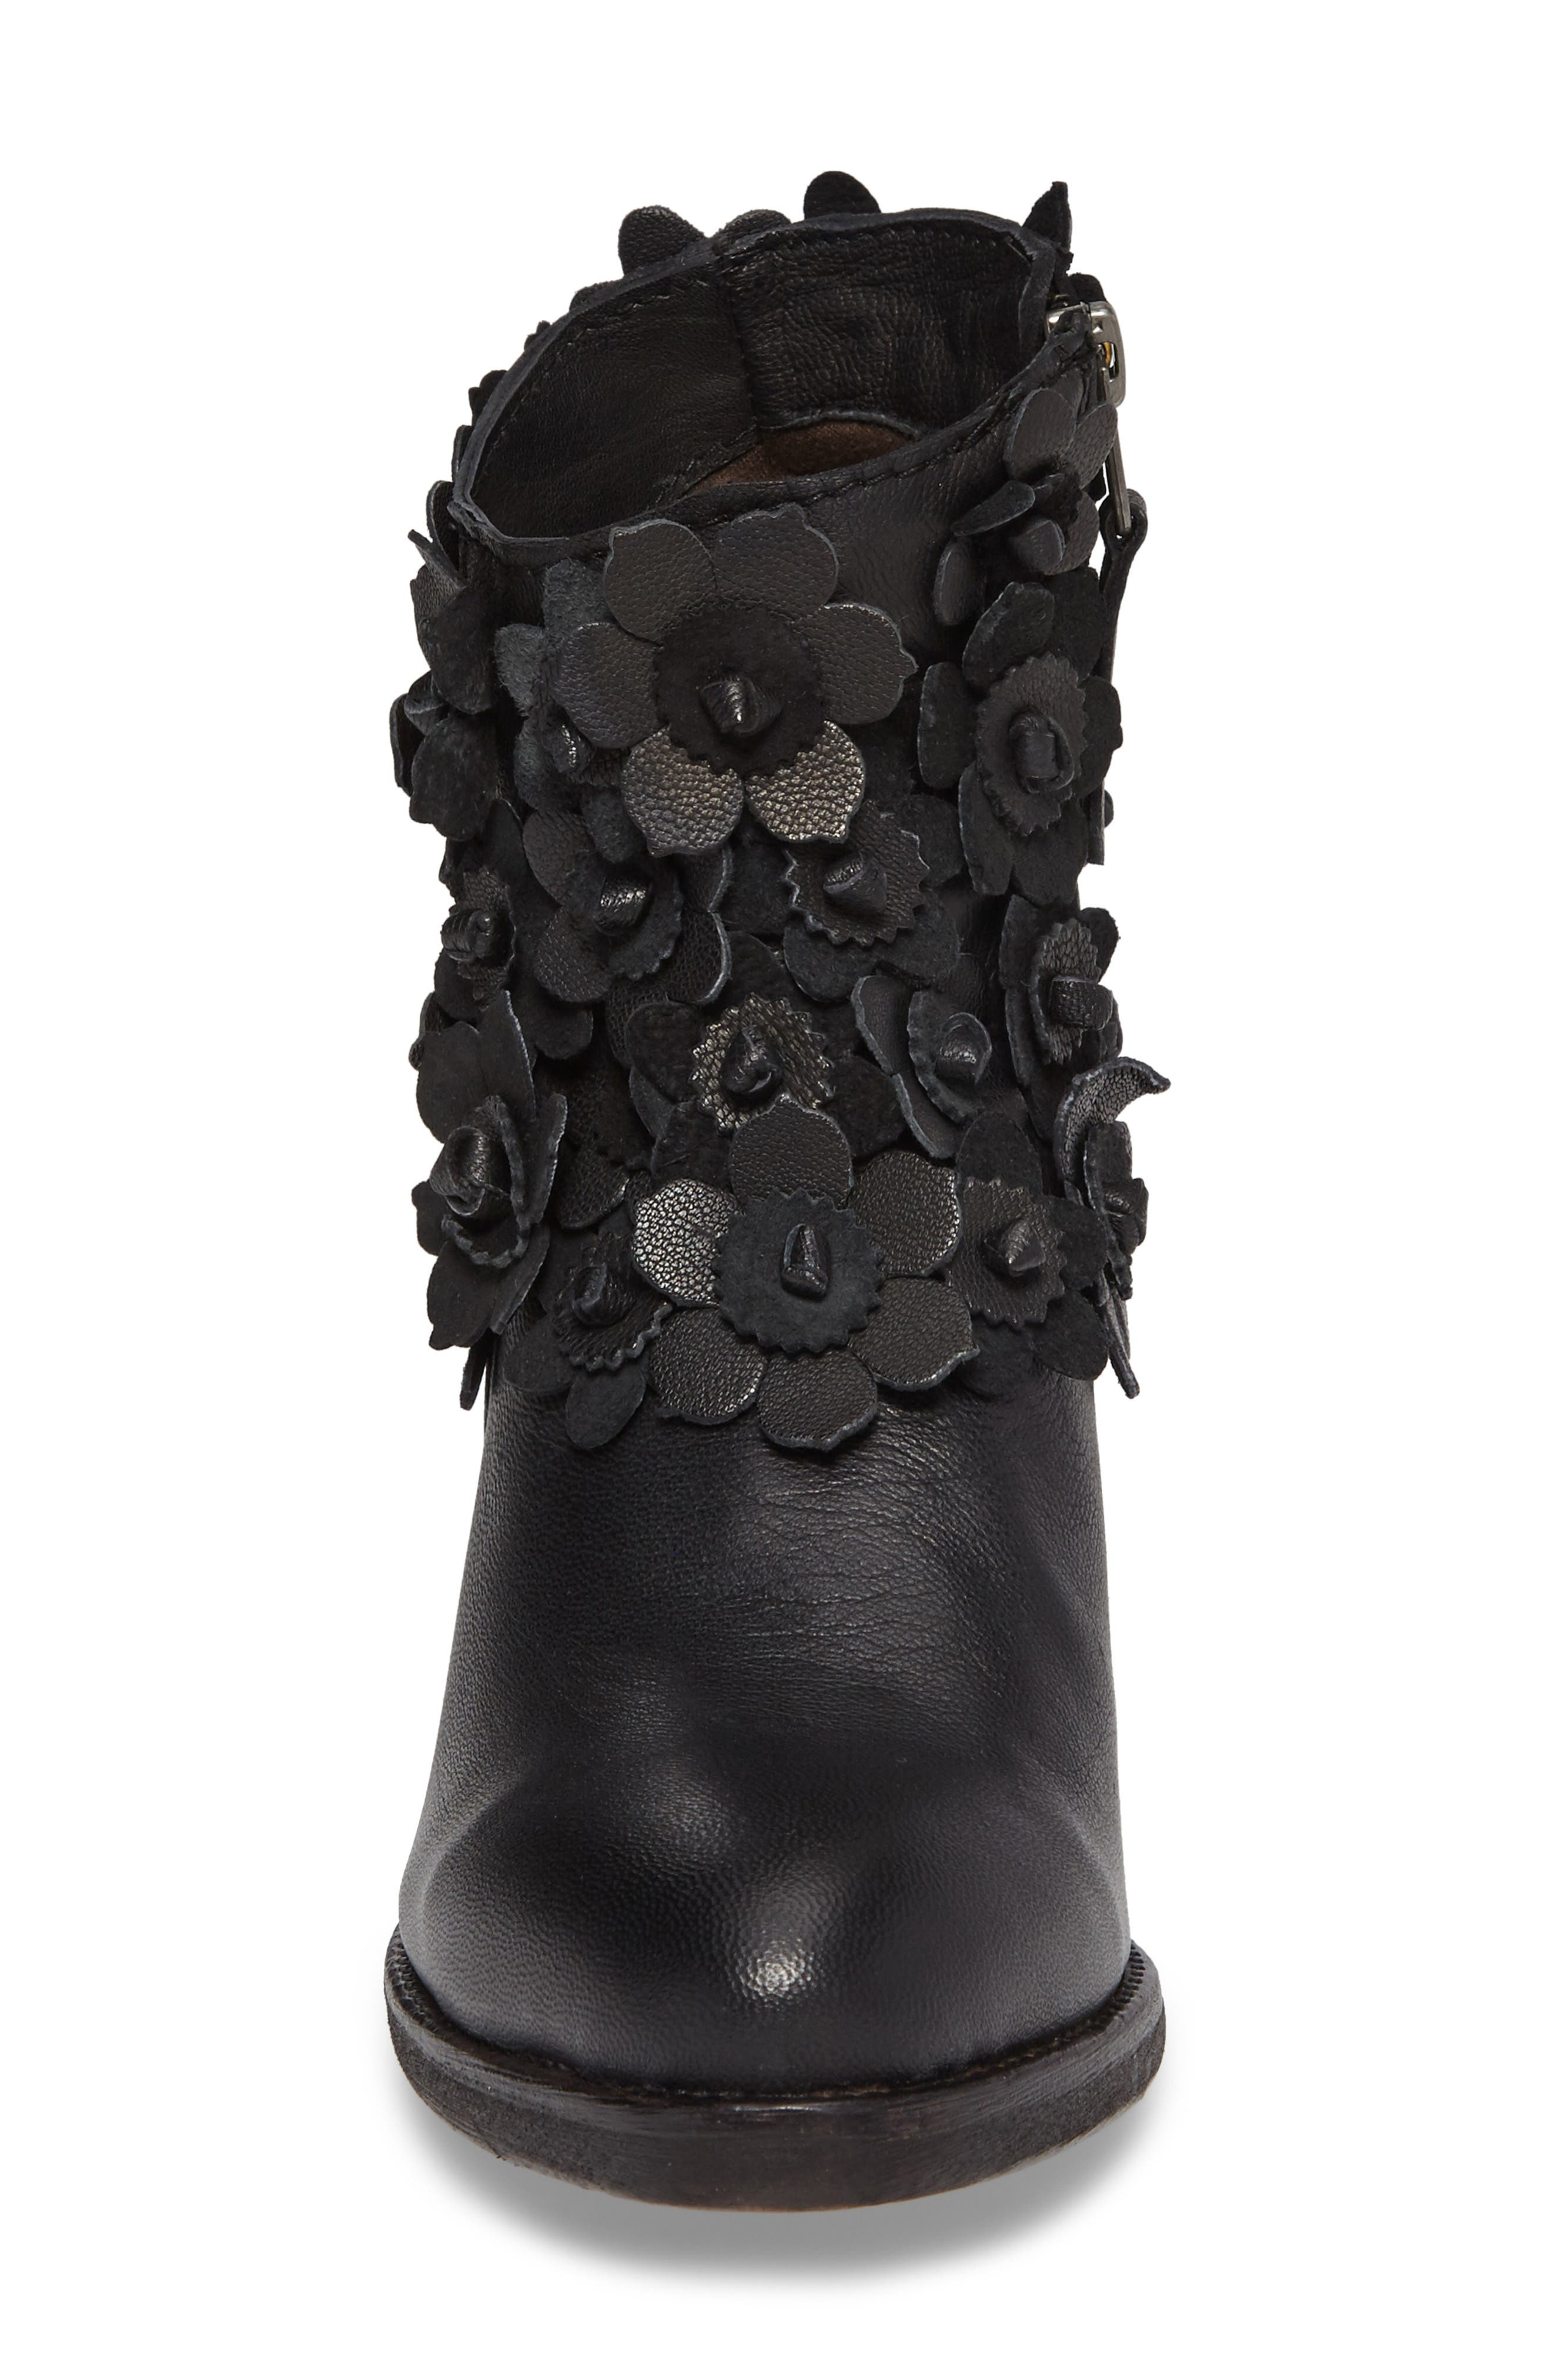 Saffron Bootie,                             Alternate thumbnail 4, color,                             Black Leather